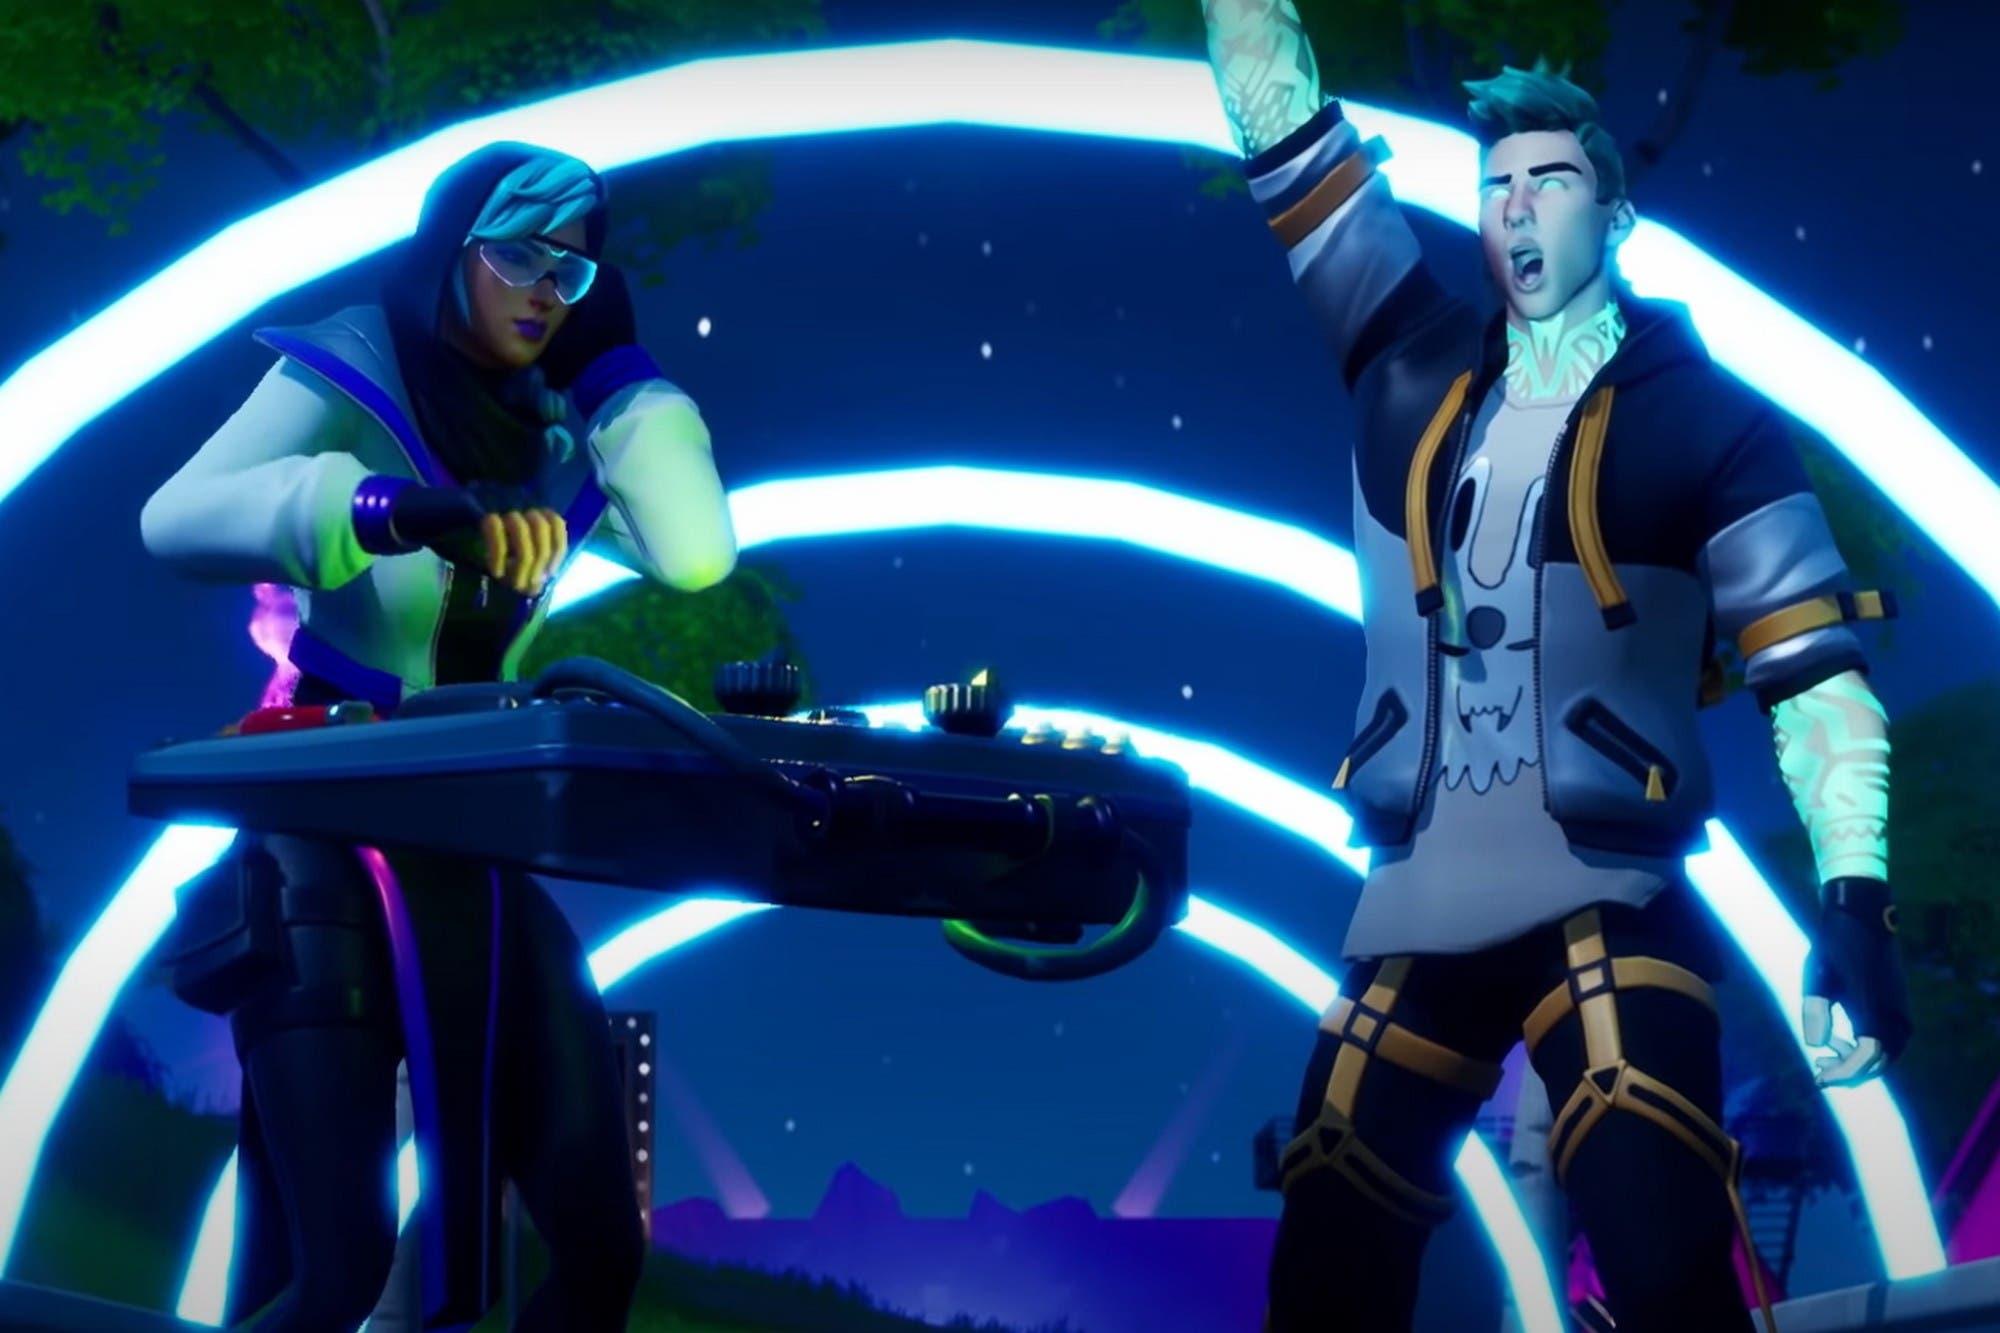 Fortnite ya tiene más de 350 millones de jugadores y anuncia una fiesta de DJs con Dillon Francis, Steve Aoki y deadmau5